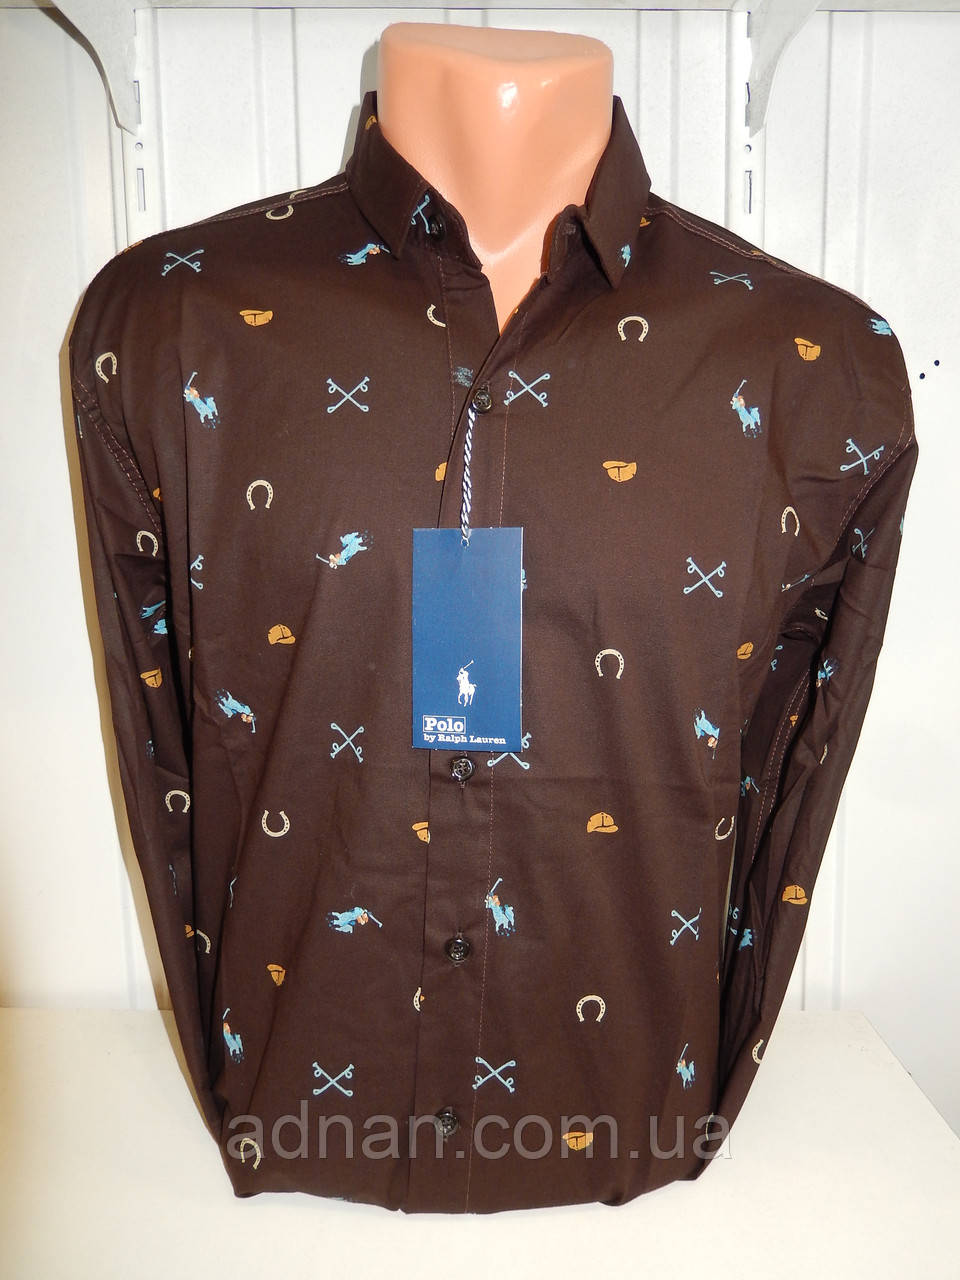 94f19d0b7a12a38 Рубашка мужская POLO узор на фото, стрейч 002/ купить мужская рубашка оптом